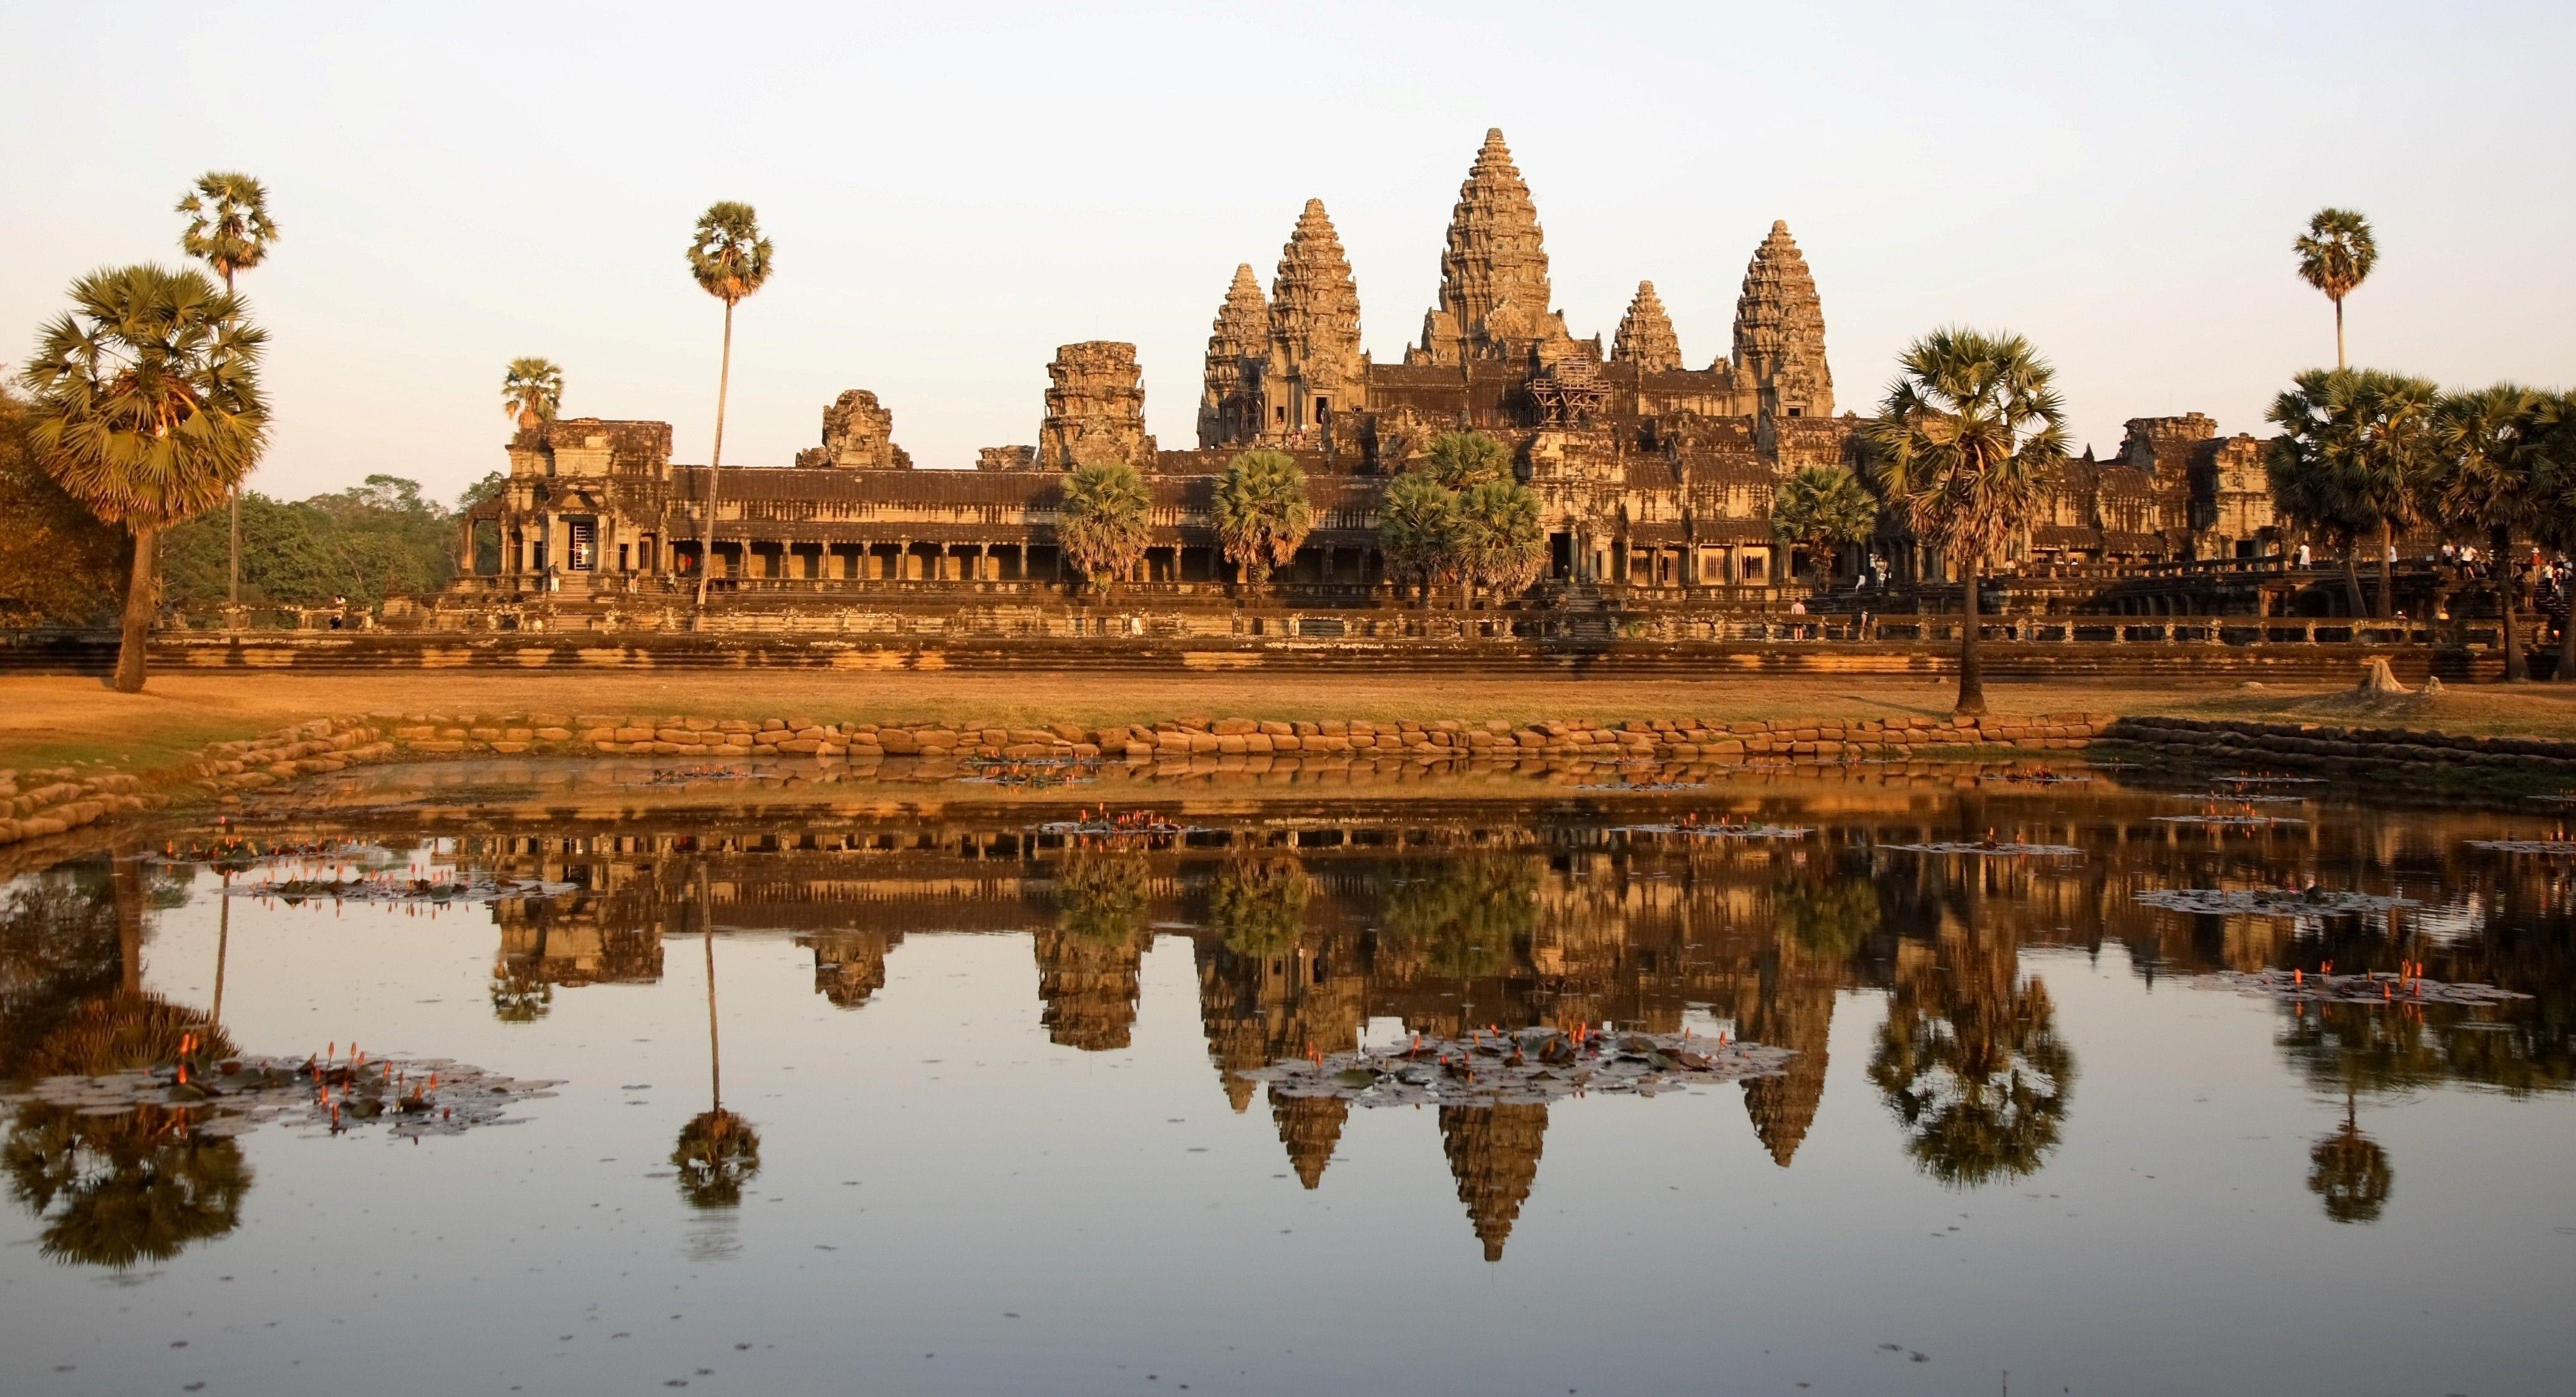 http://ovationdmc.com/wp-content/uploads/2013/04/cambodia-e1365521895541.jpg